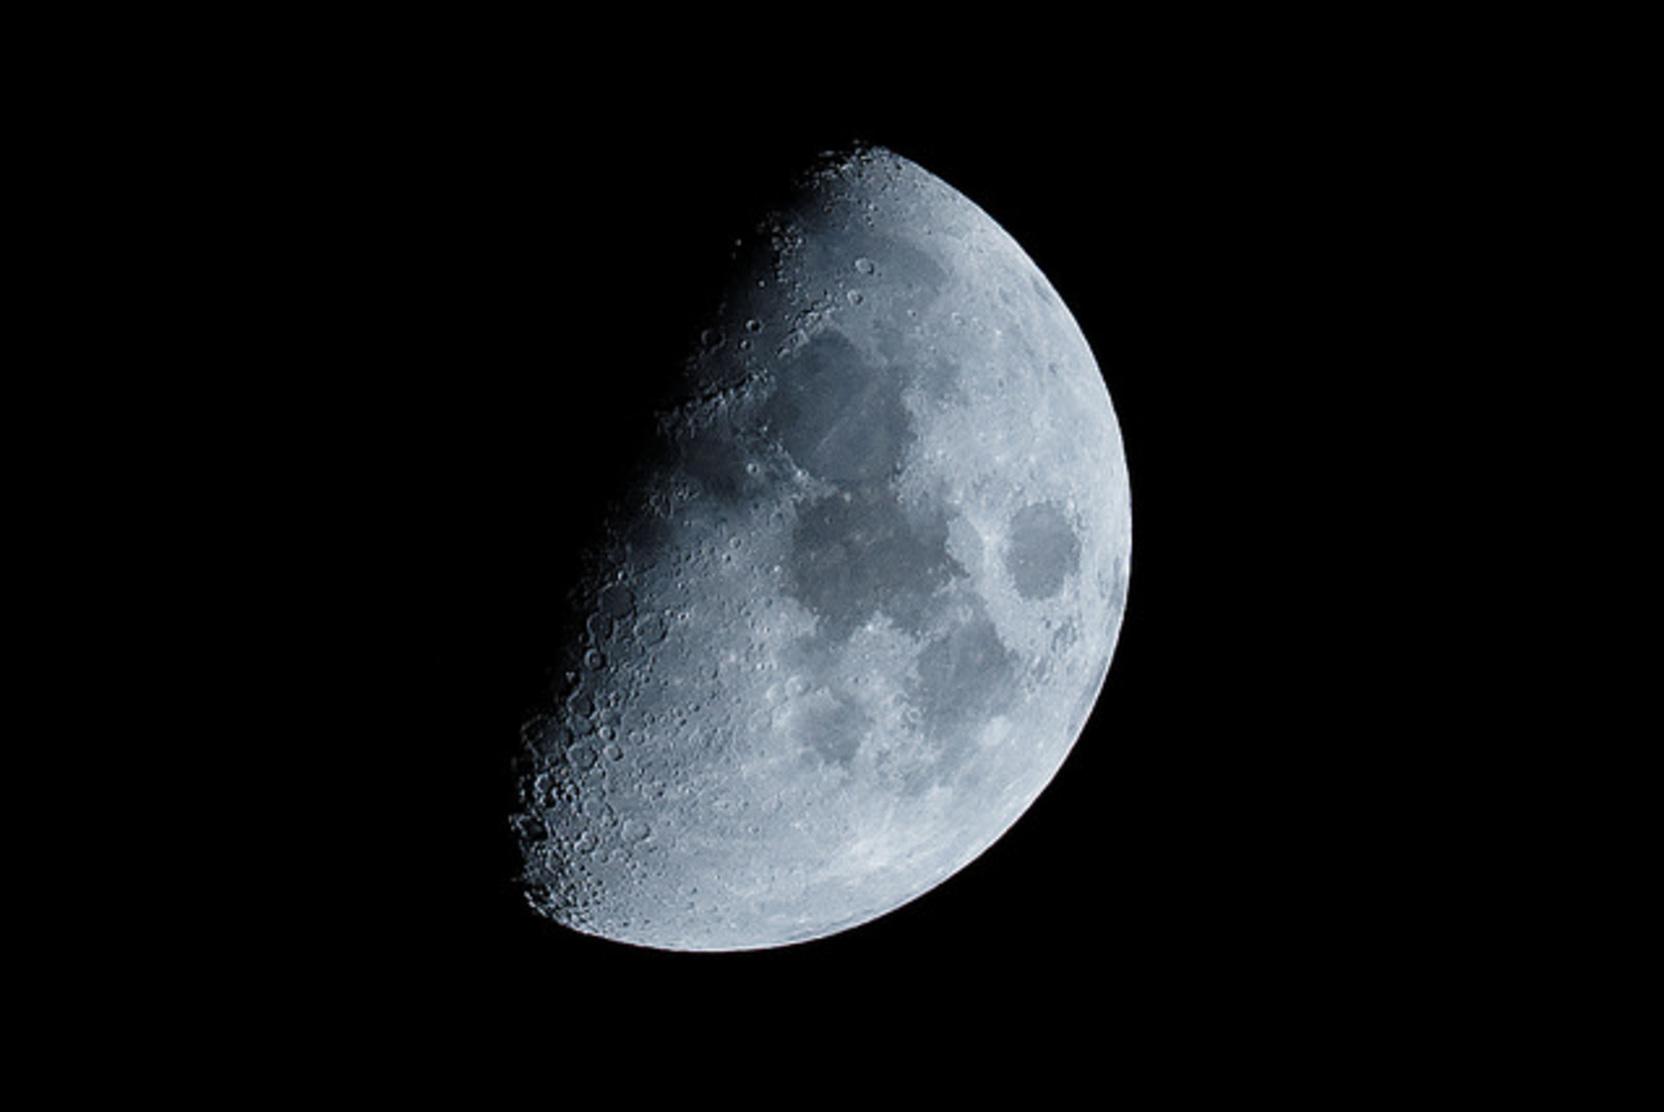 РАН предложила отложить создание ракеты для полета на Луну